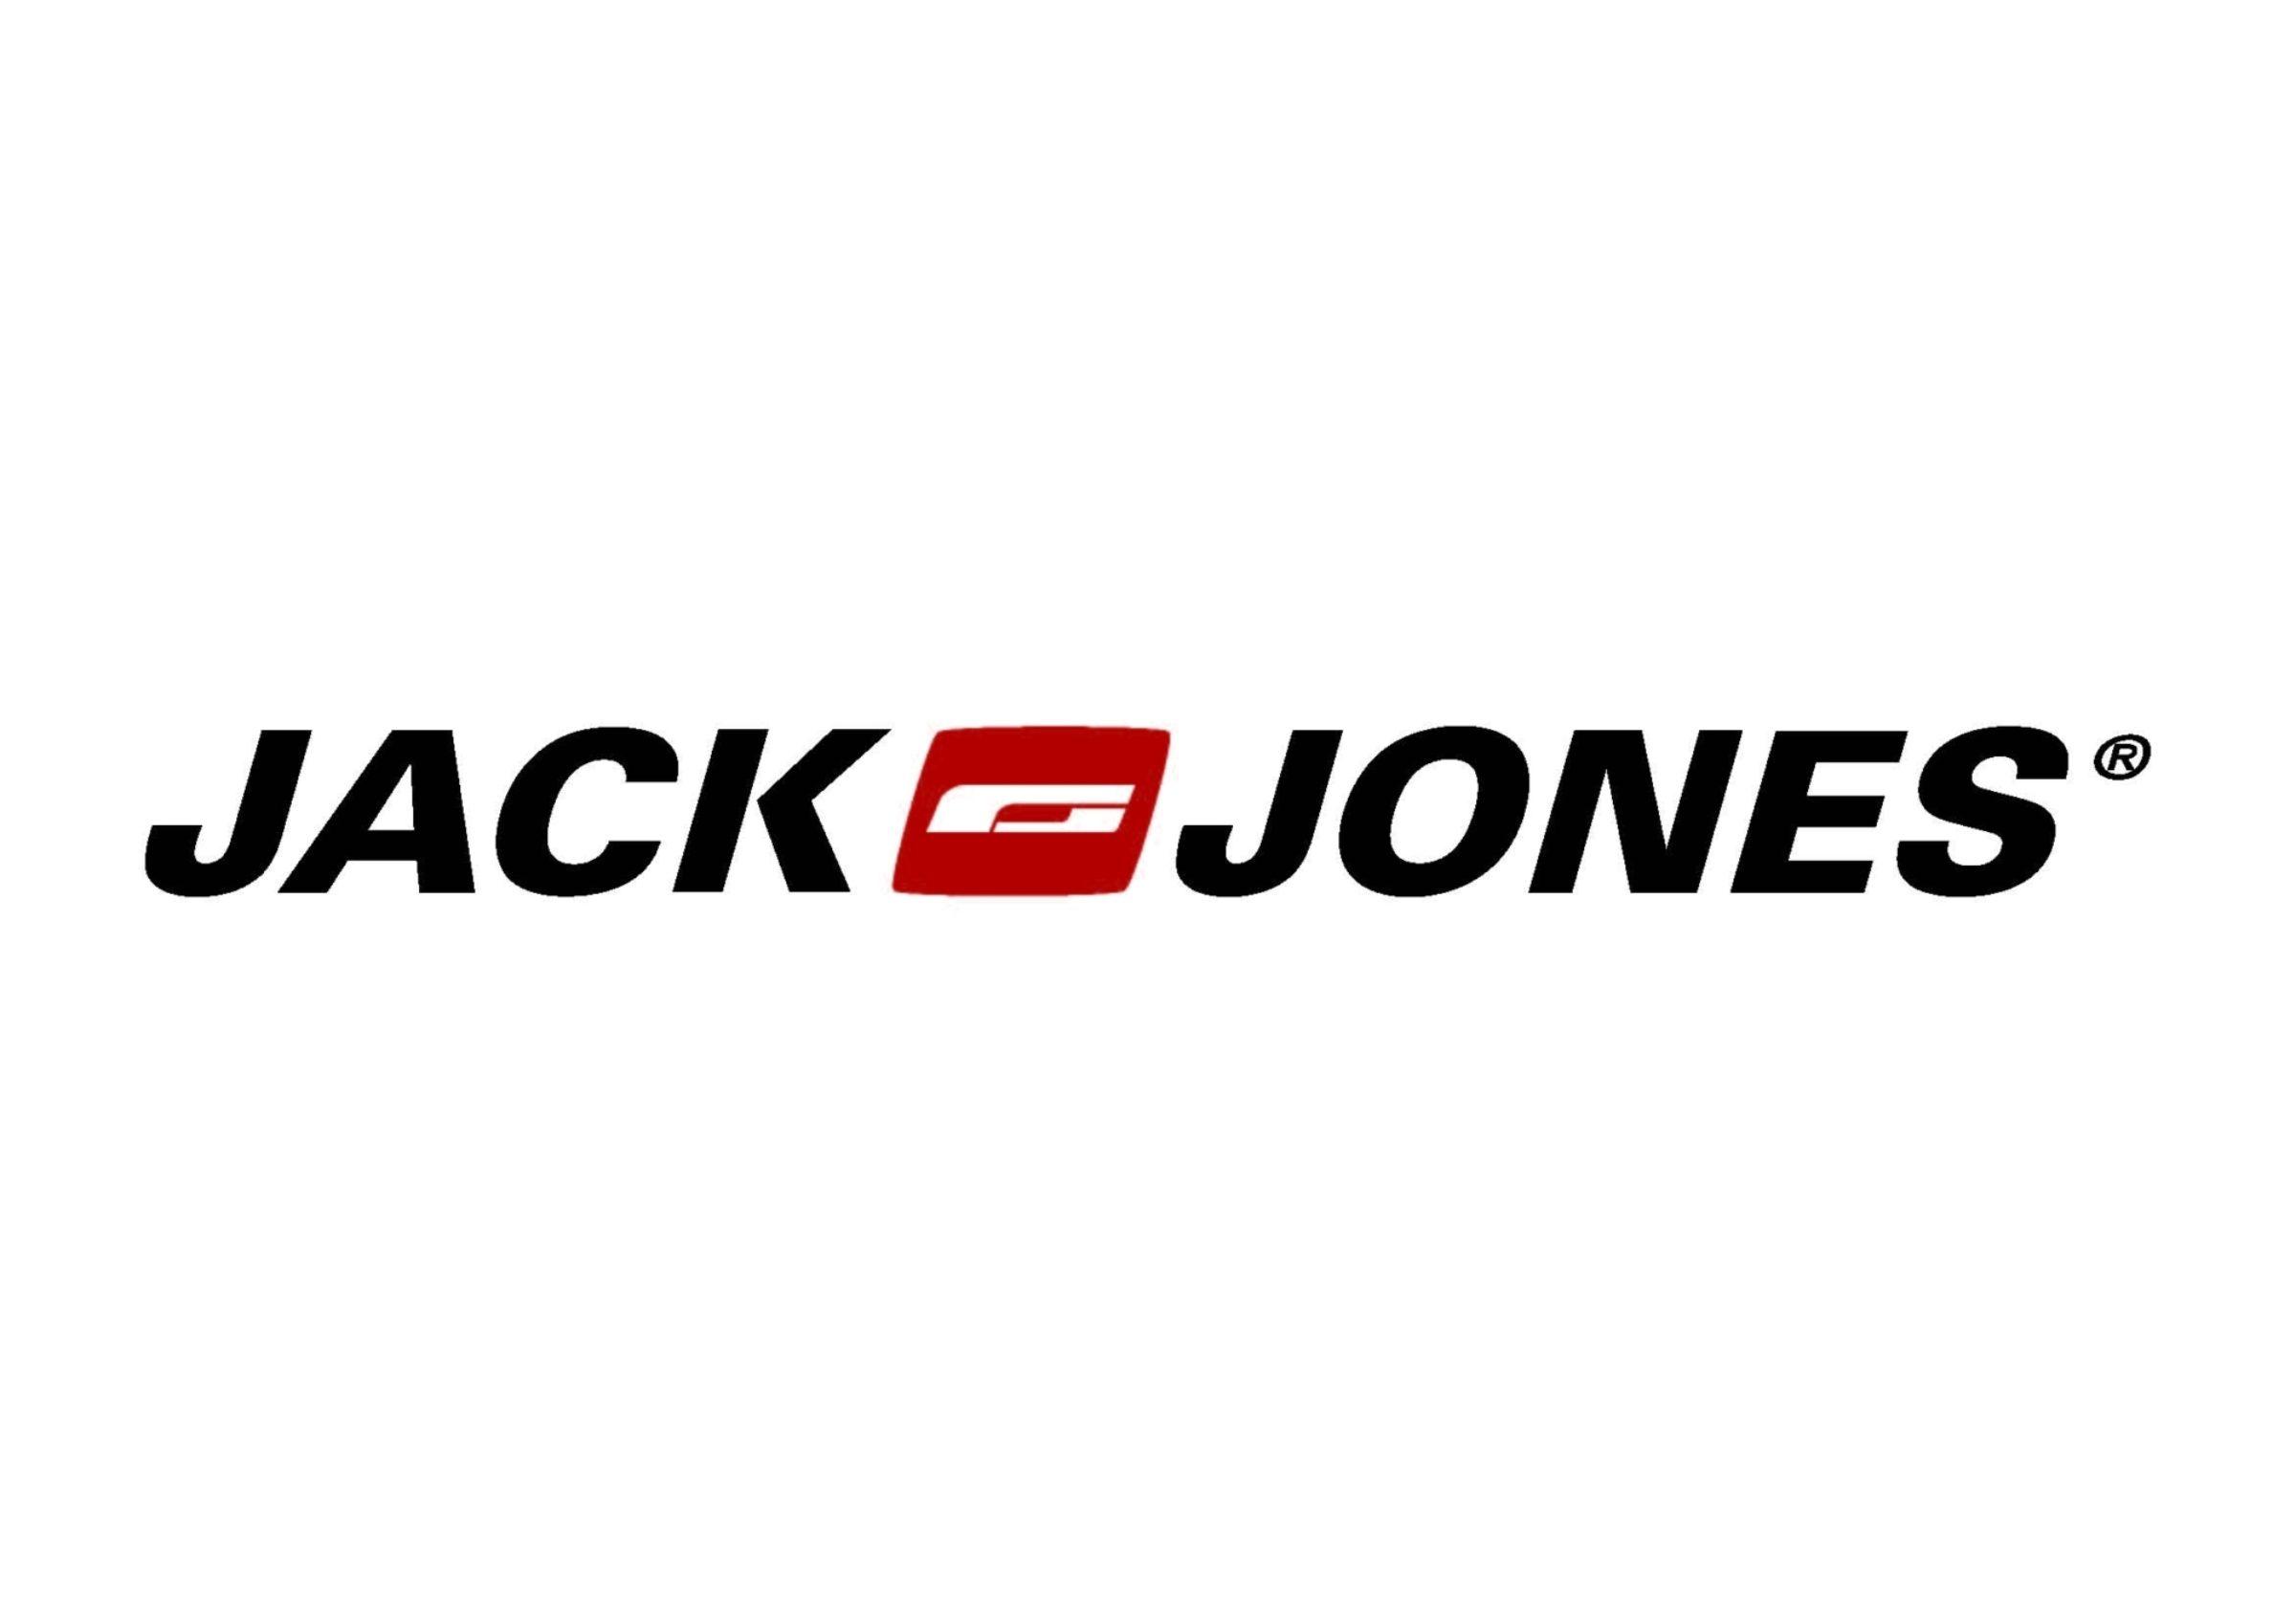 Jack jones enschede